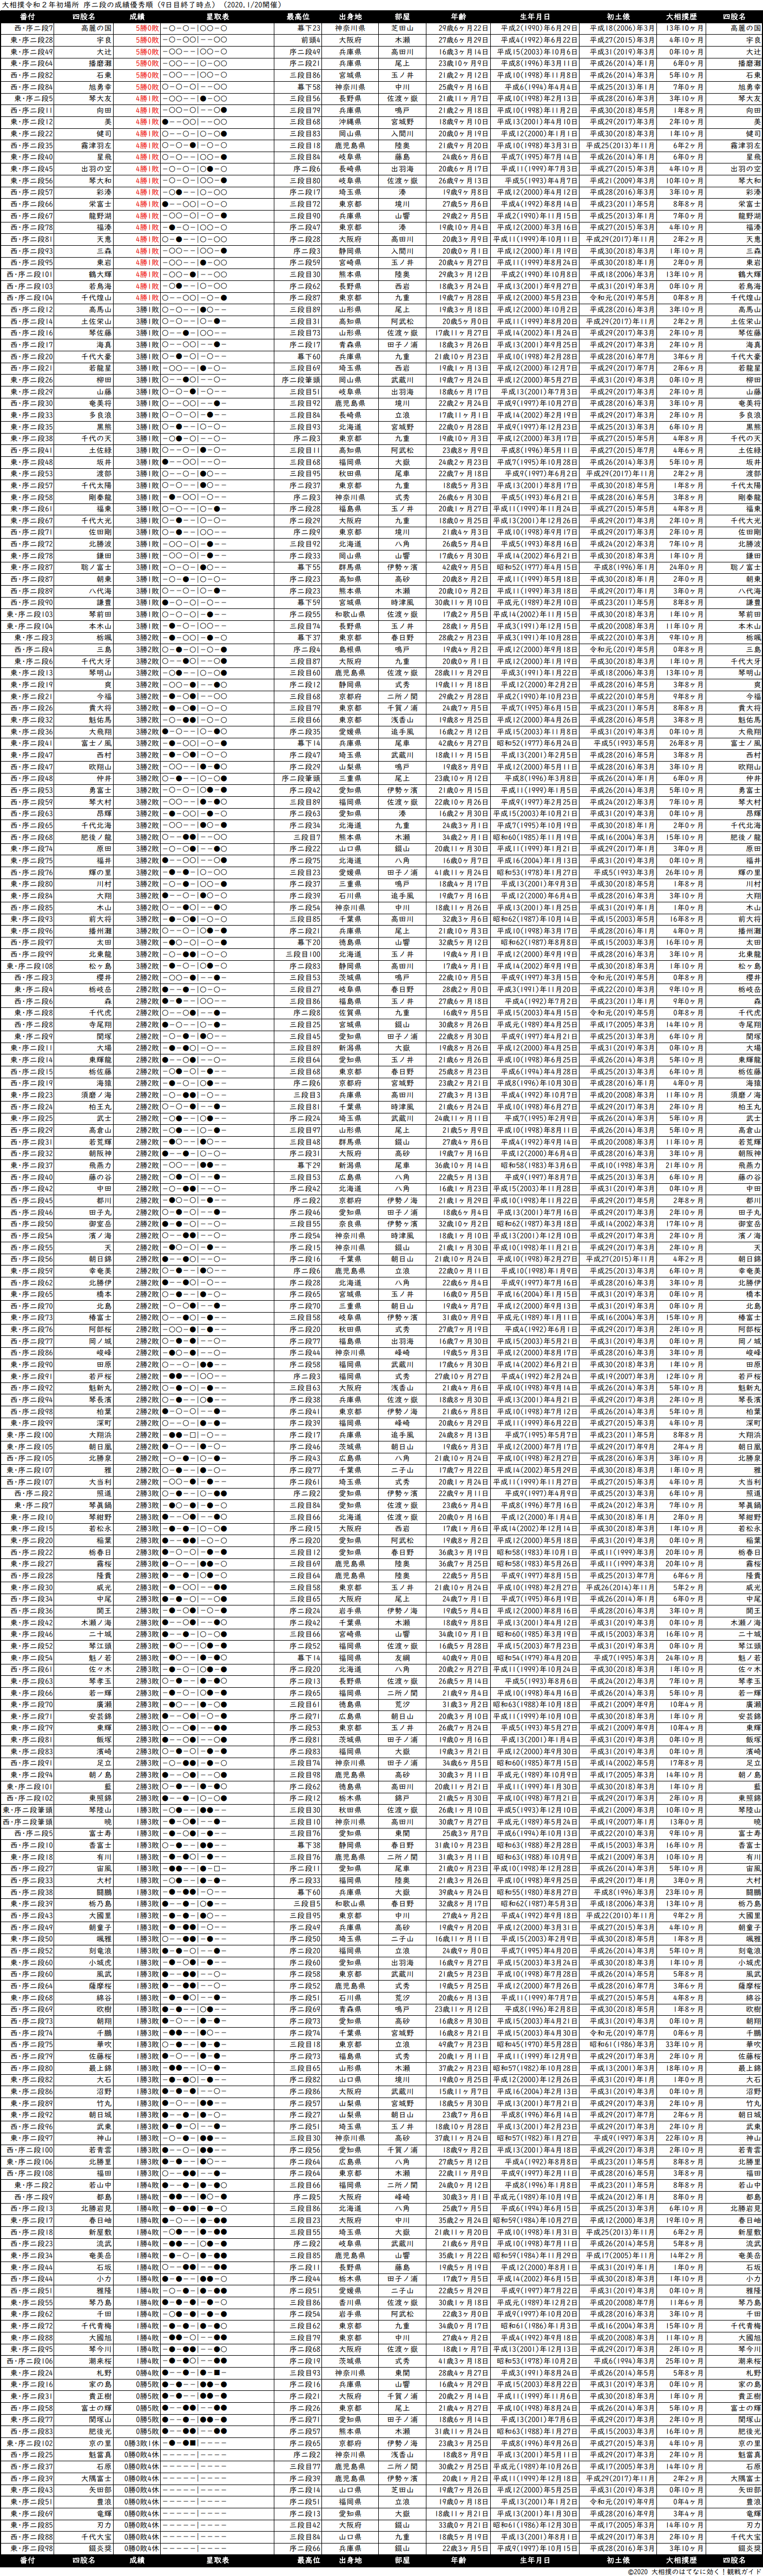 序二段成績順一覧表・2020年1月場所9日目